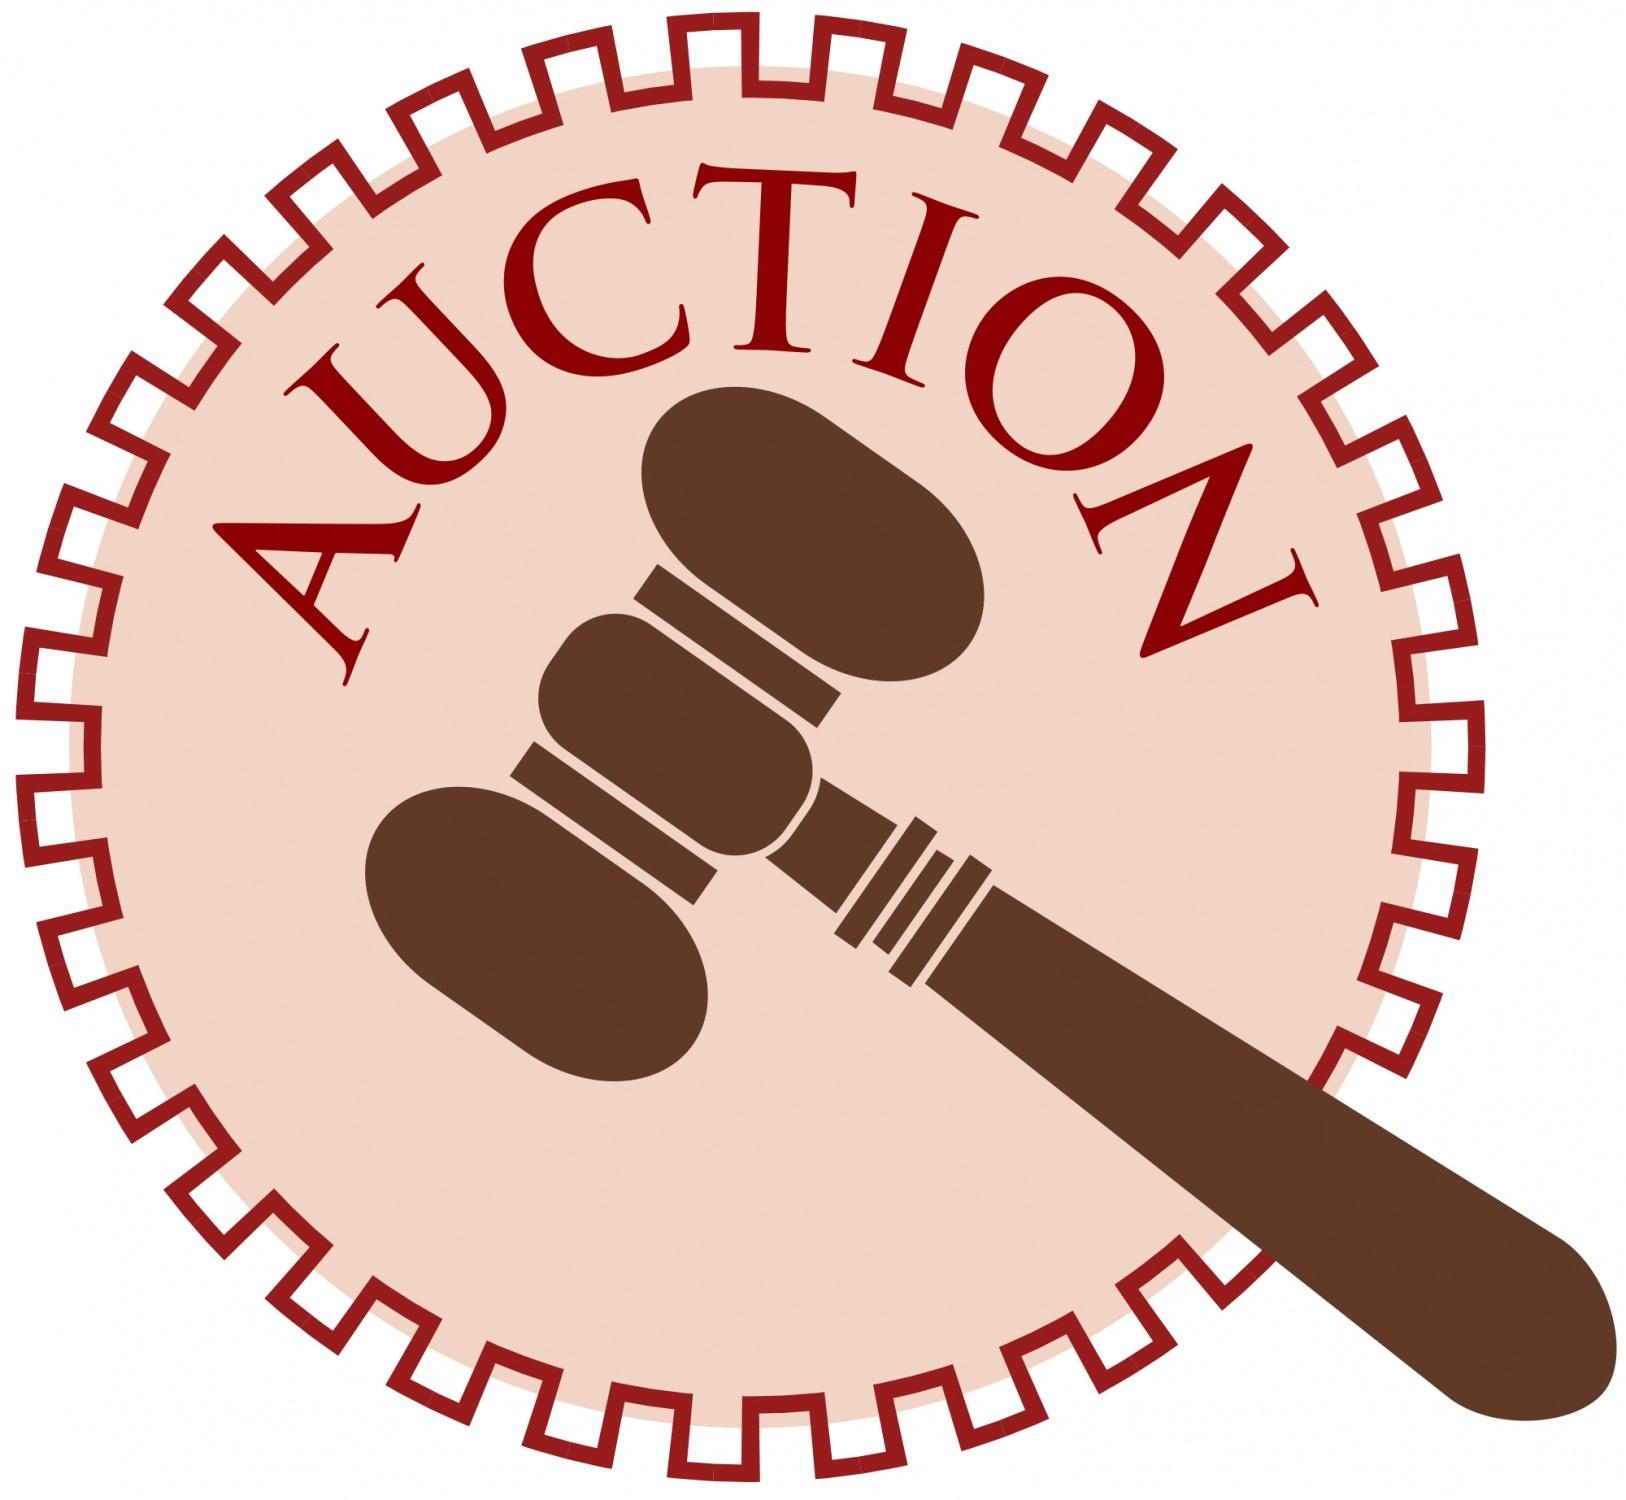 auction clipart - 16 - p - Auction Clipart Free Download Clip Art Free Clip  Art